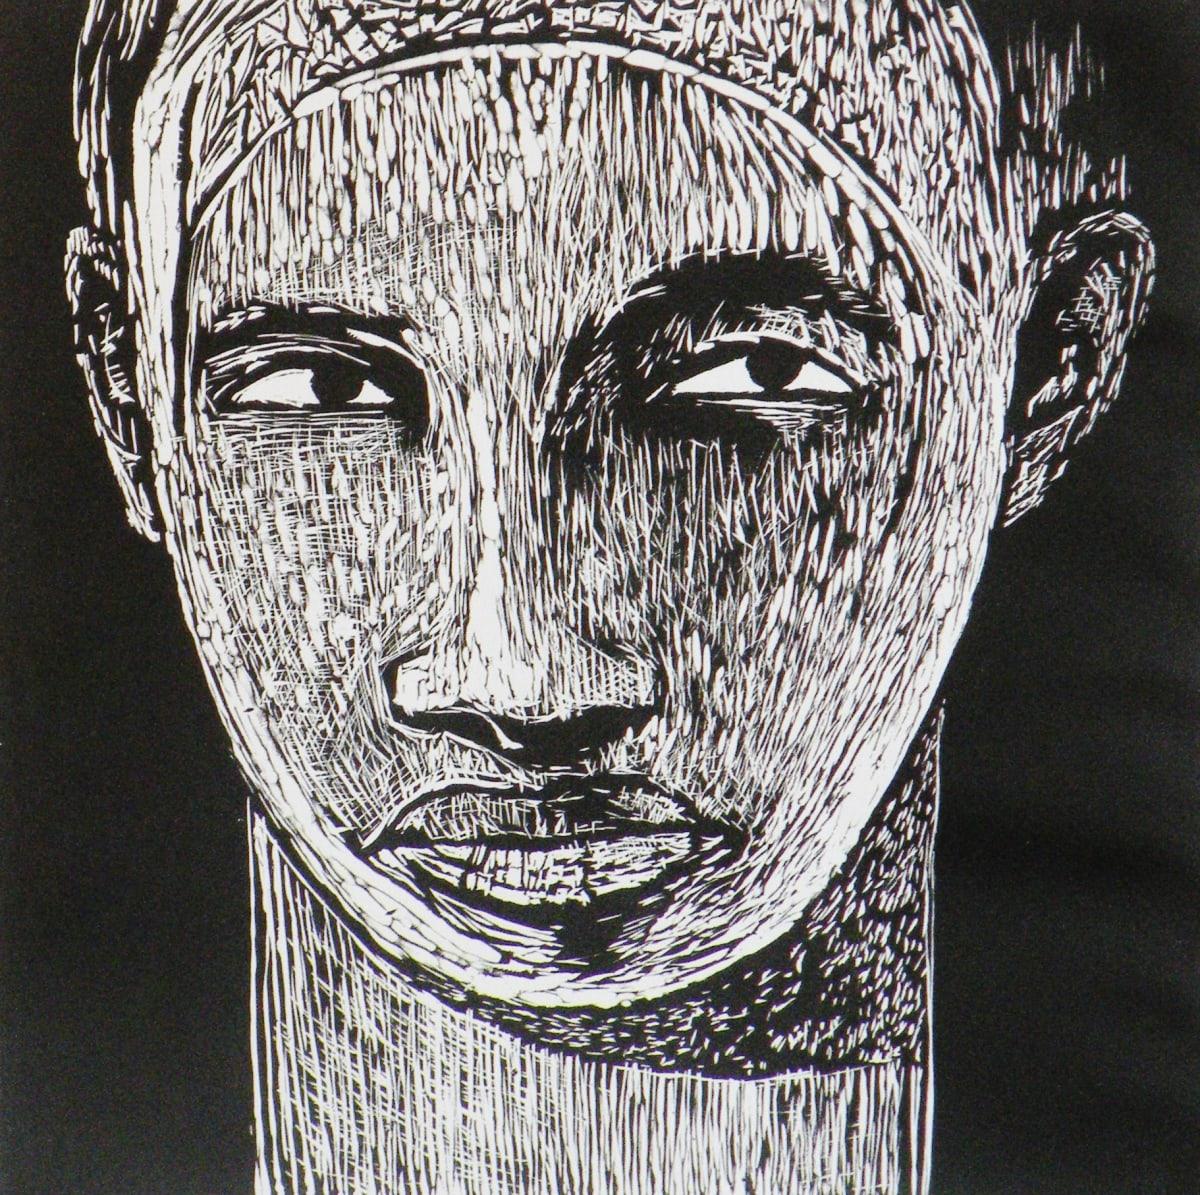 Samella Lewis I See You, 2005 Linocut 25 1/2 x 20 1/2 I See You